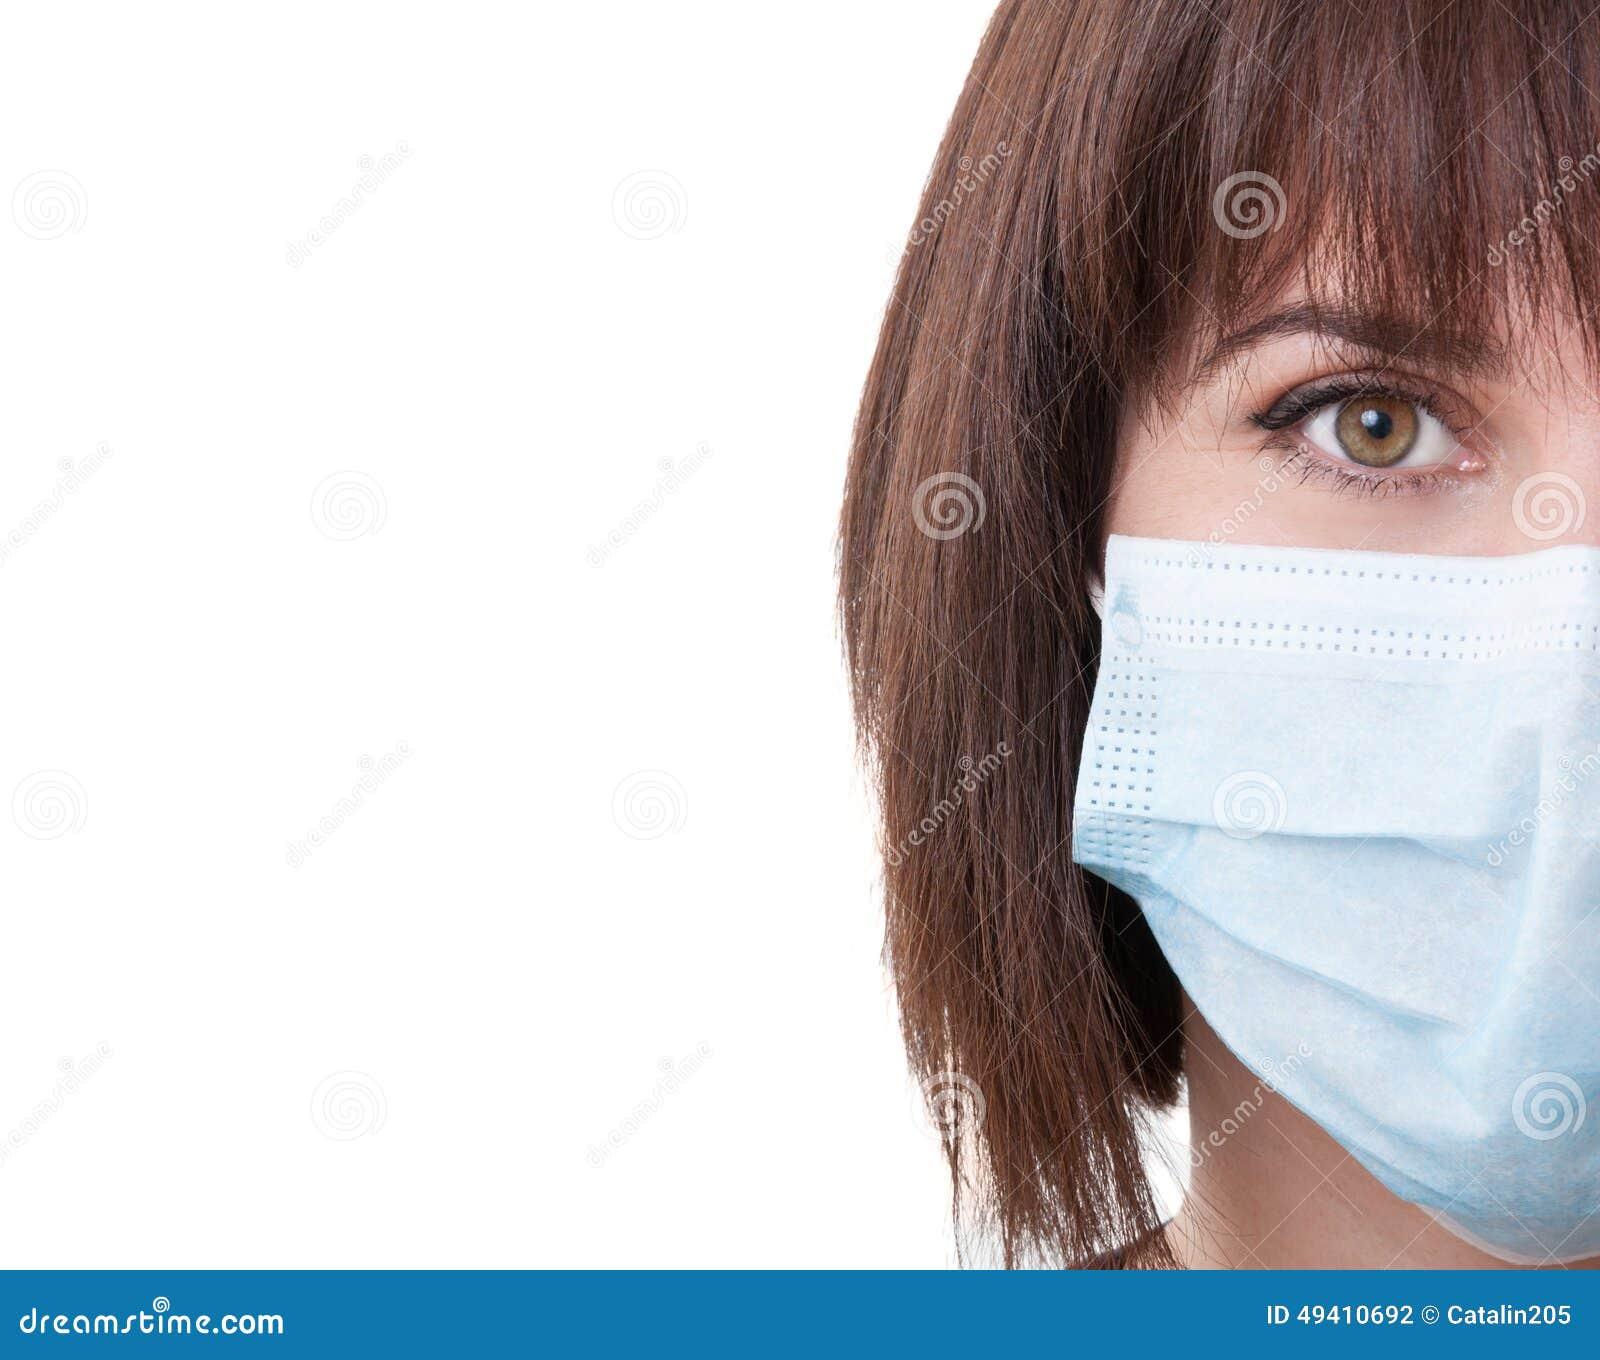 Download Halbes Gesicht Einer Ärztin Stockfoto - Bild von auge, frau: 49410692